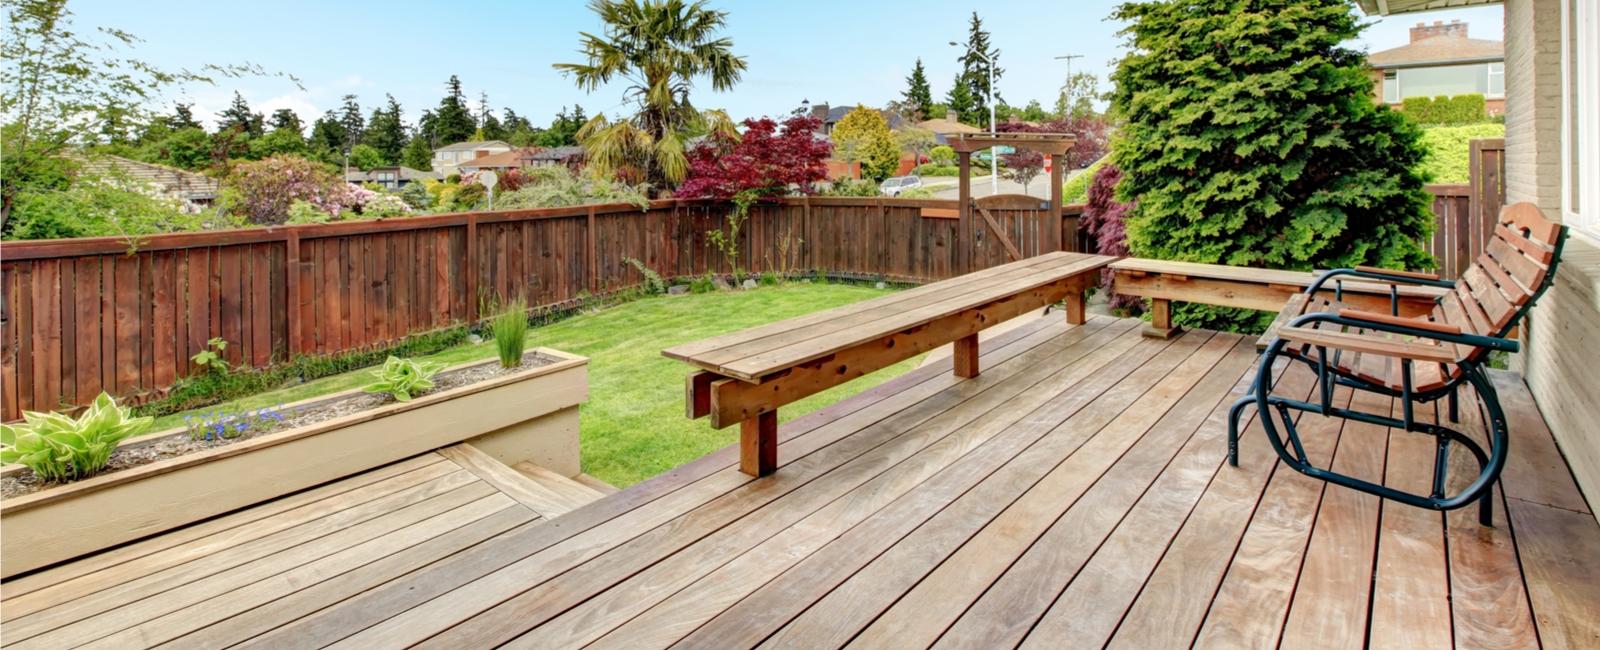 Poteau Bois Pour Terrasse comment construire ou poser une terrasse sur pilotis ? prix